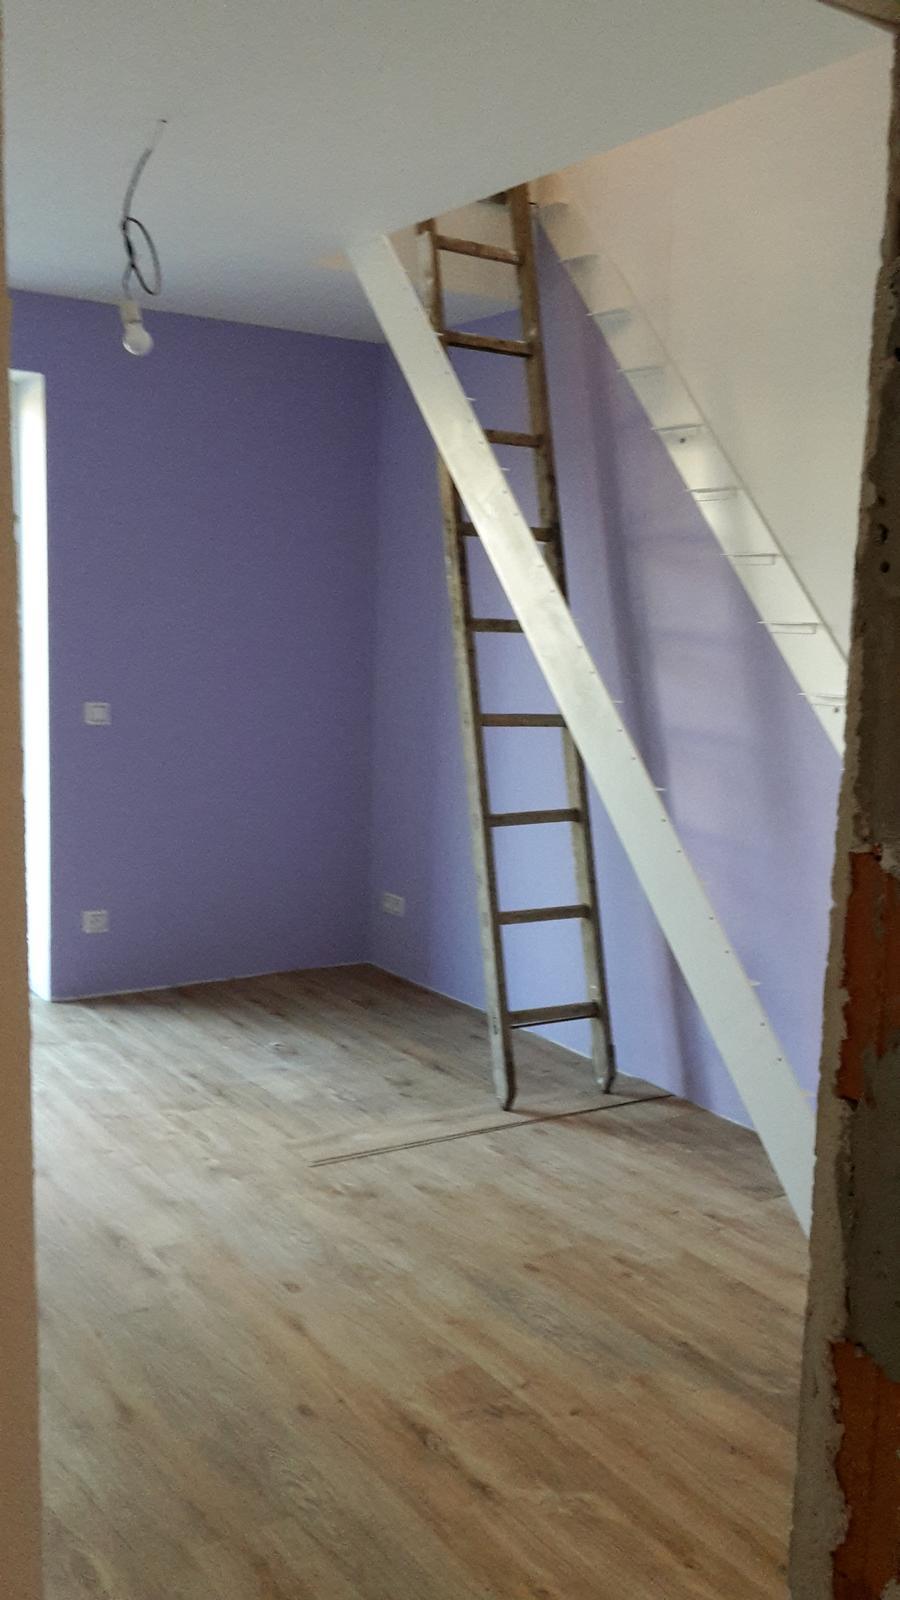 Domeček - únor2017 - položené podlahy, příprava na schodiště...